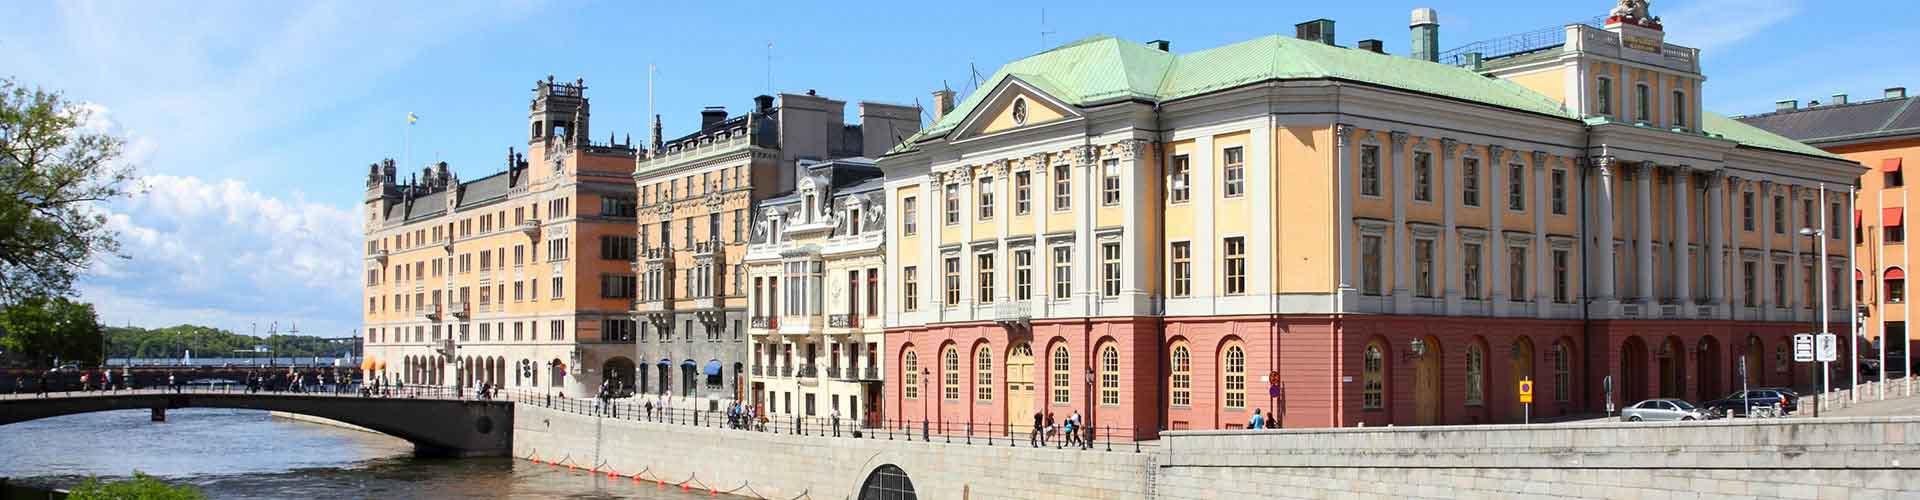 Estocolmo - Albergues en el distrito Norrmalm . Mapas de Estocolmo, Fotos y Comentarios para cada Albergue en Estocolmo.